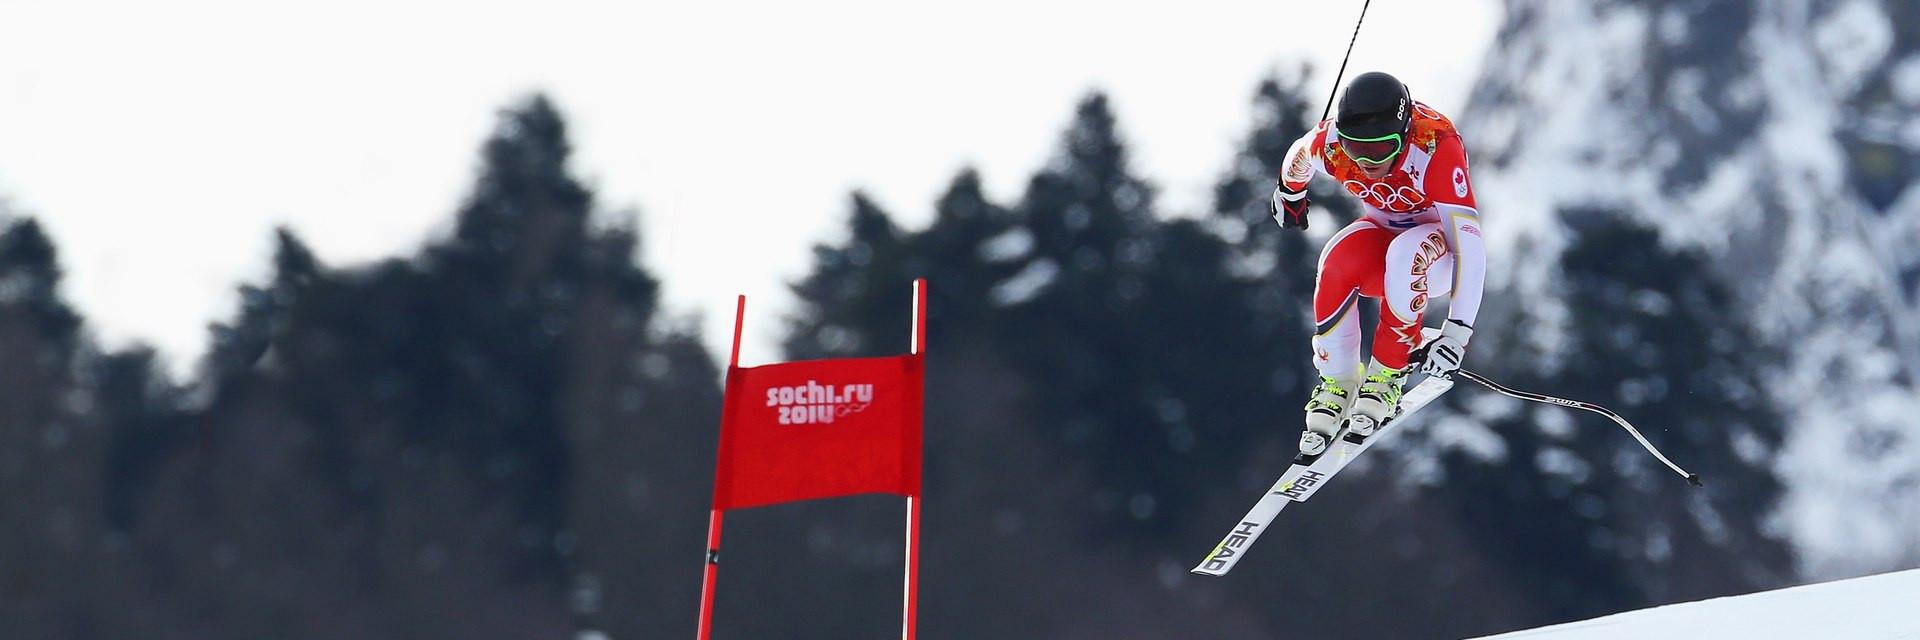 e5ad7fb49 Zjazdové lyžovanie | Slovenský olympijský tím